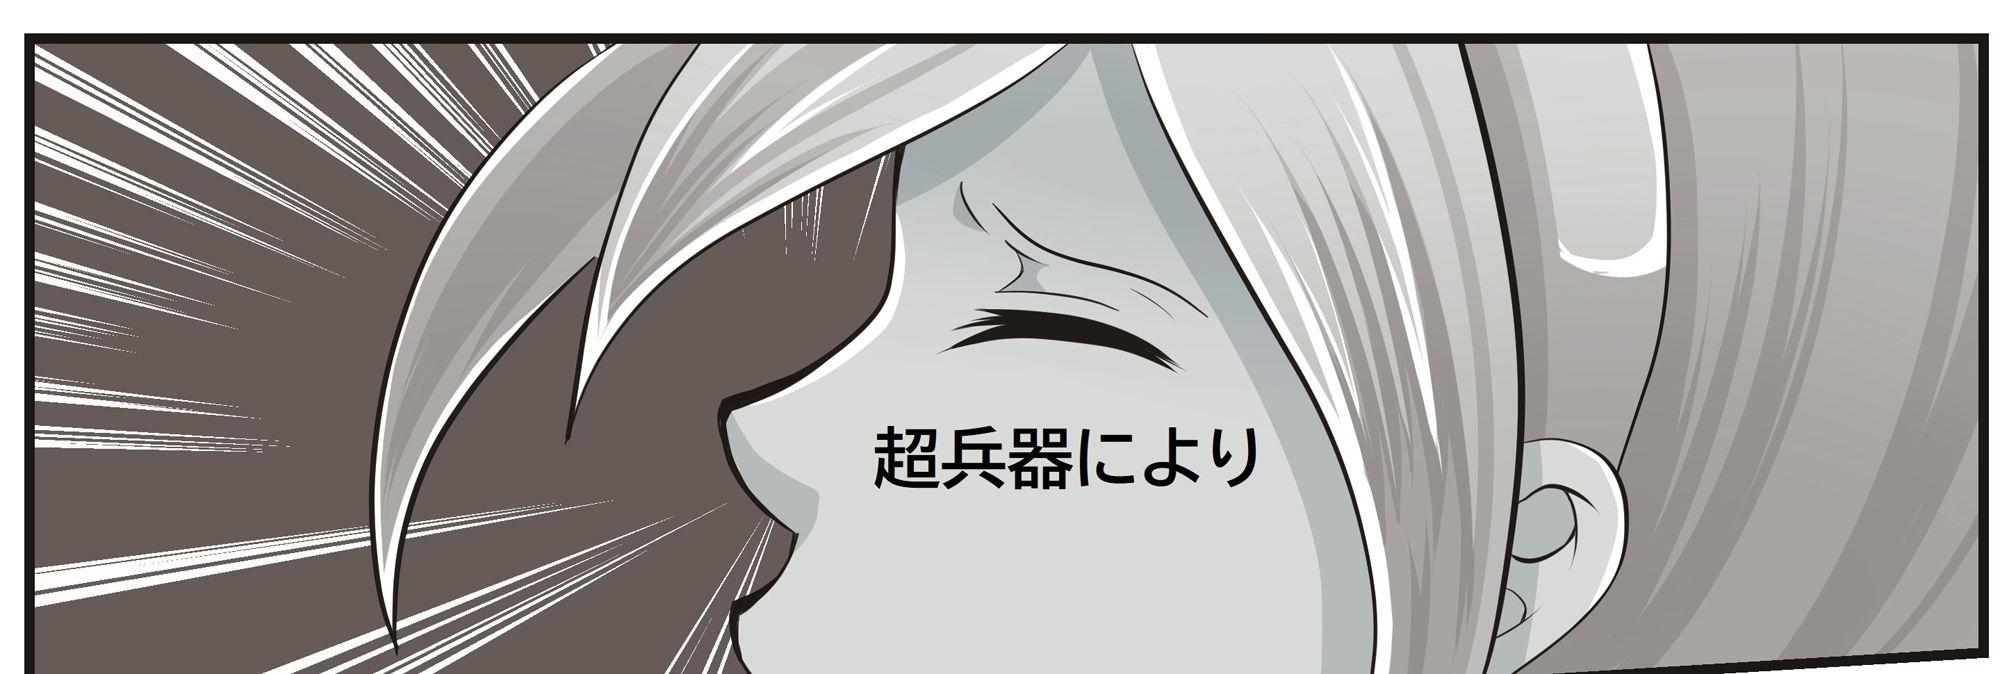 働くDG細胞〜クイーン・レインの誕生〜